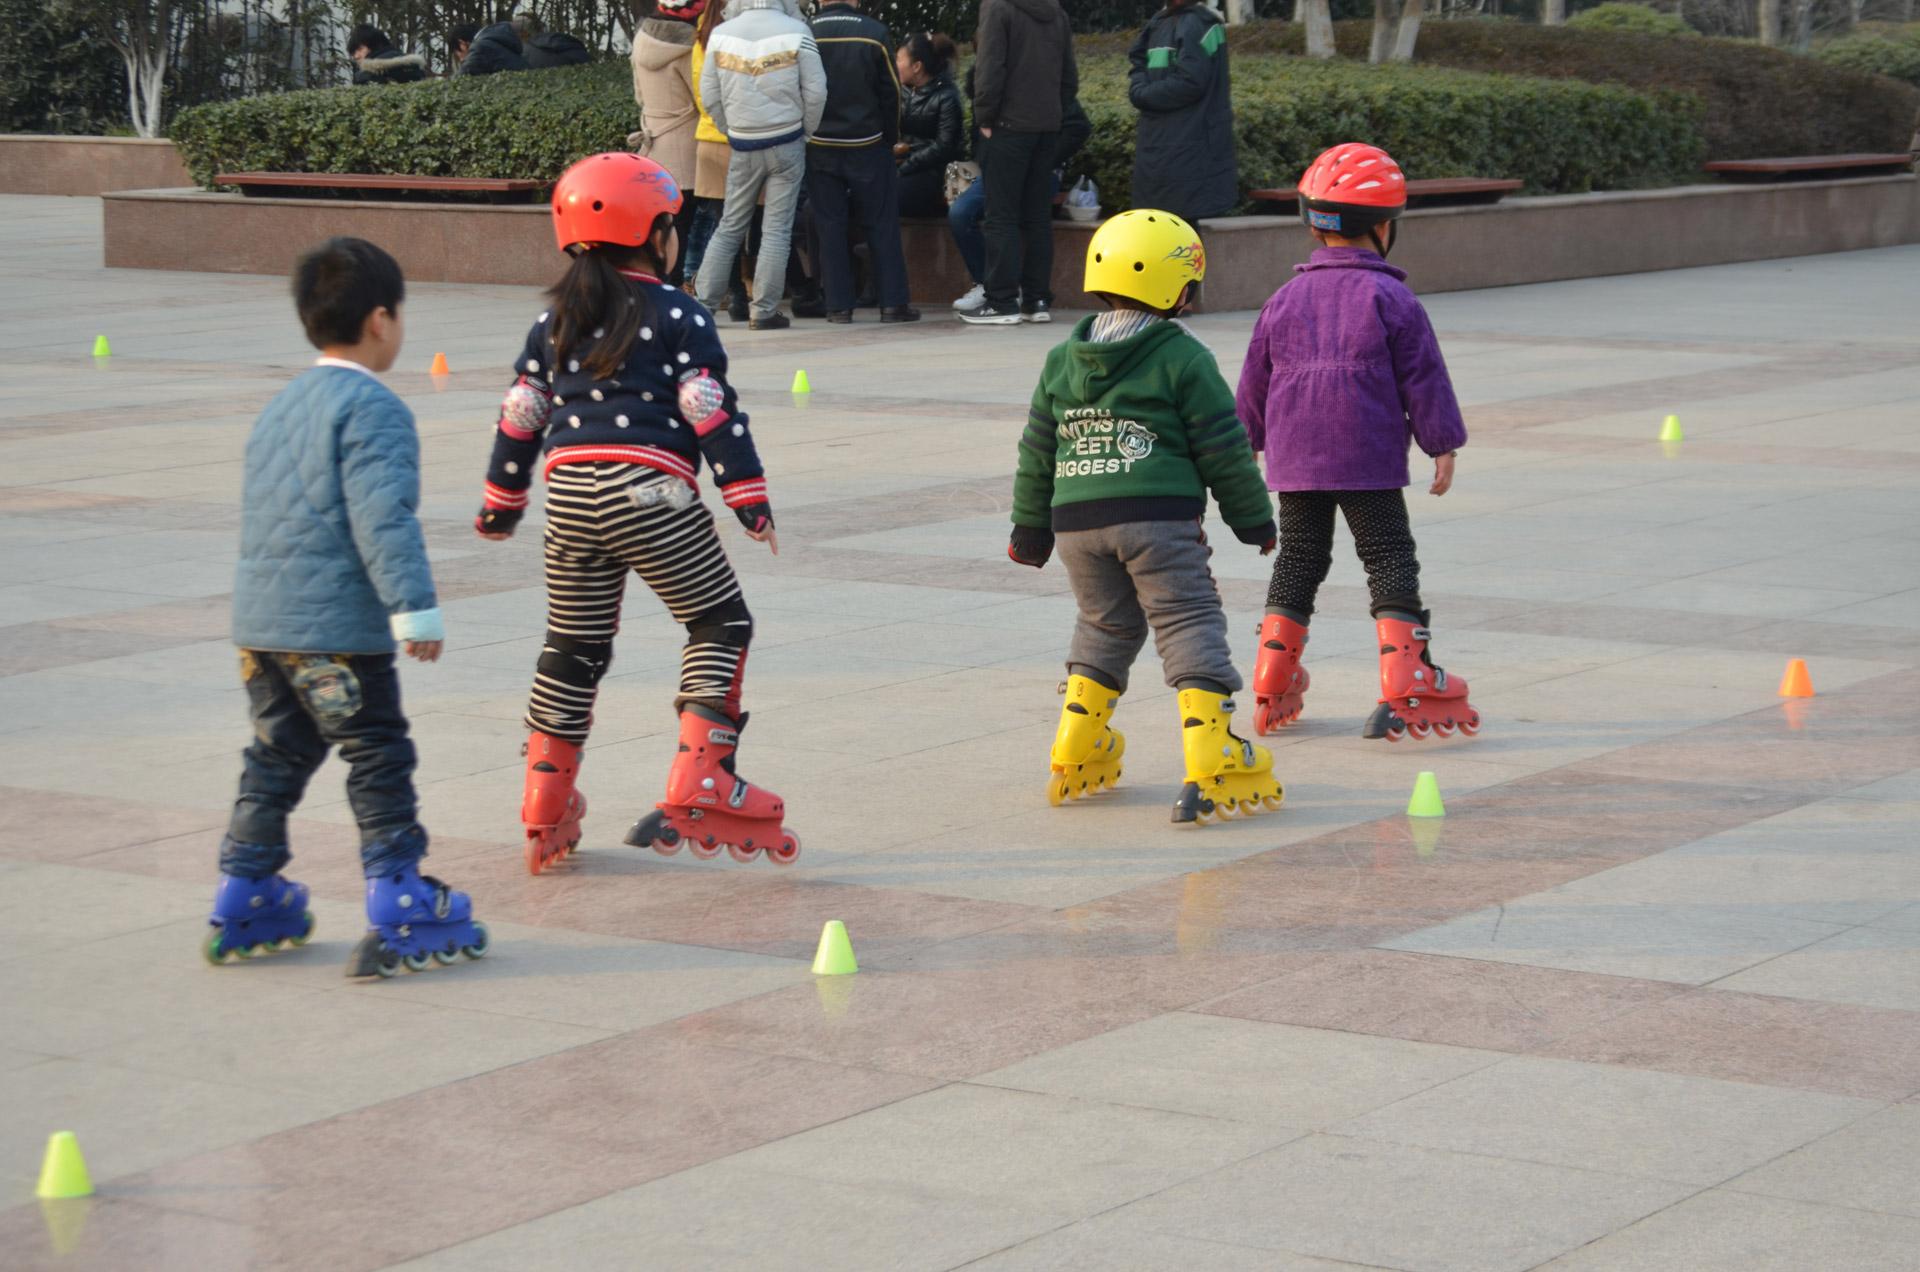 Deportes perfectos para toda la familia-Ventajas del deporte en familia-patinaje